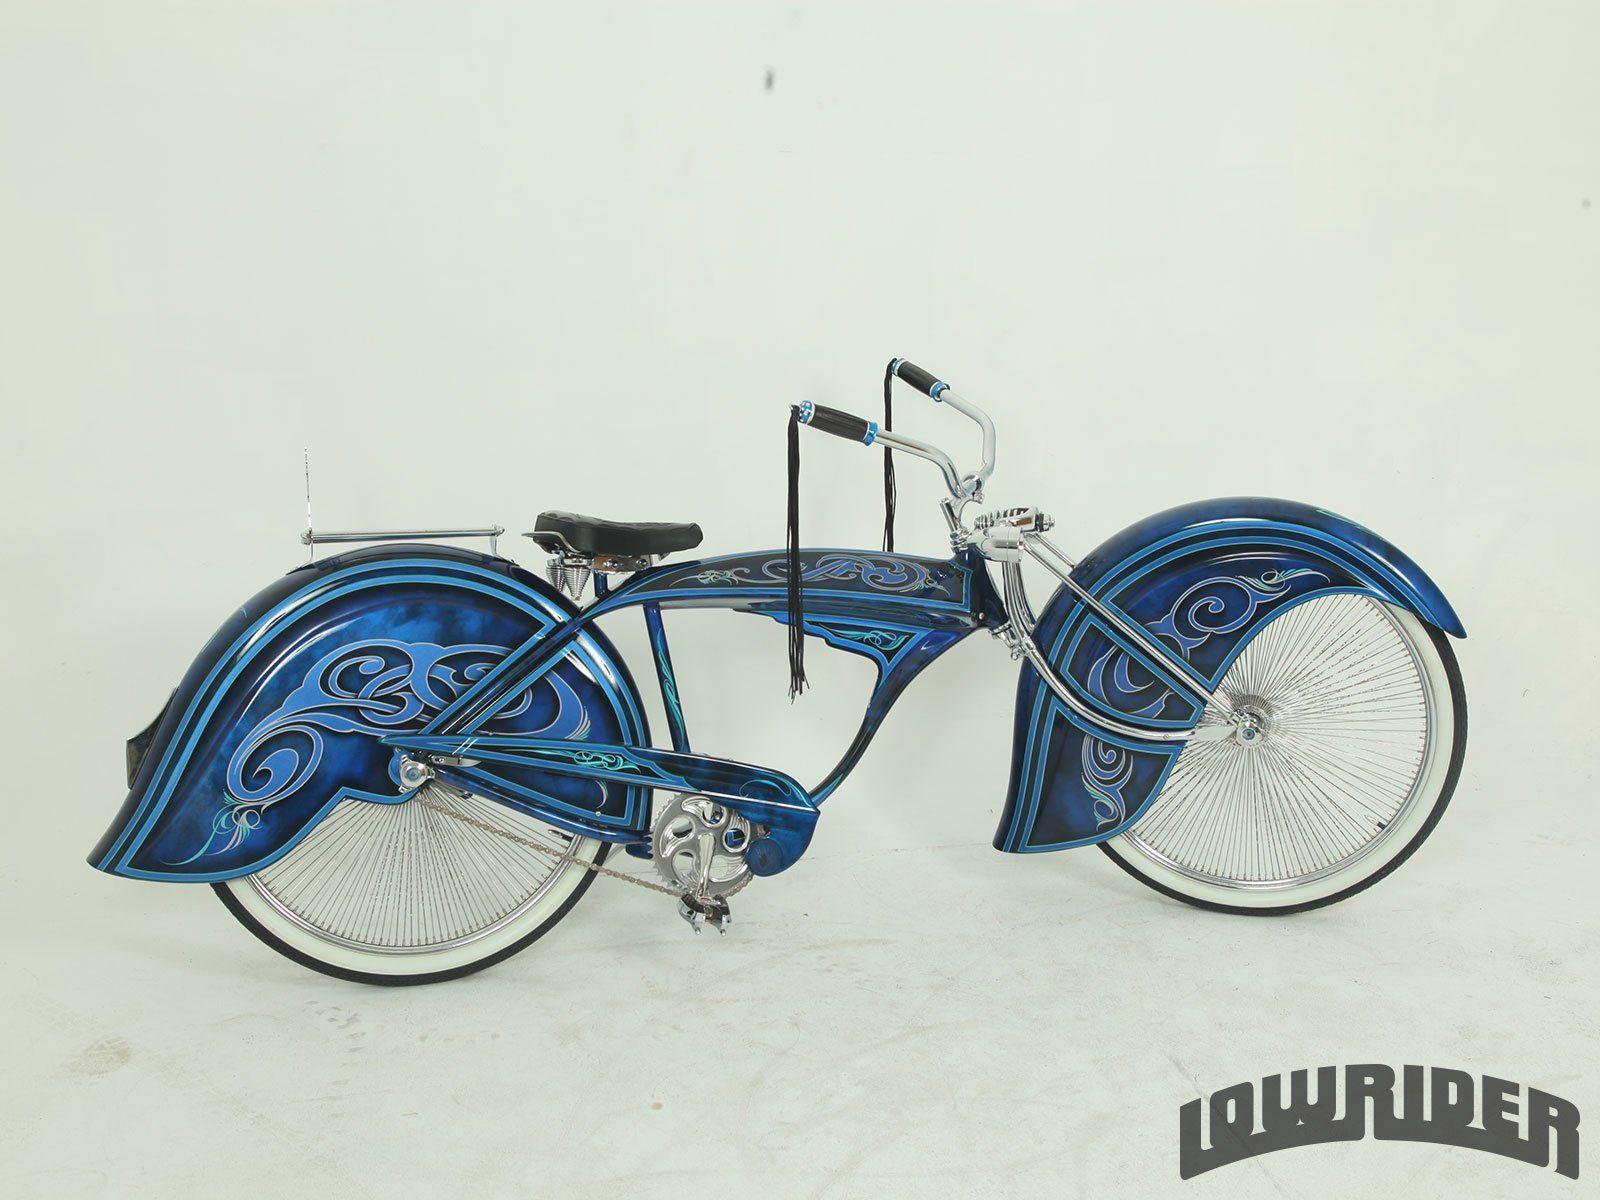 Custom Lowrider Bikes | LOWRIDER motorbike tuning custom bike ...